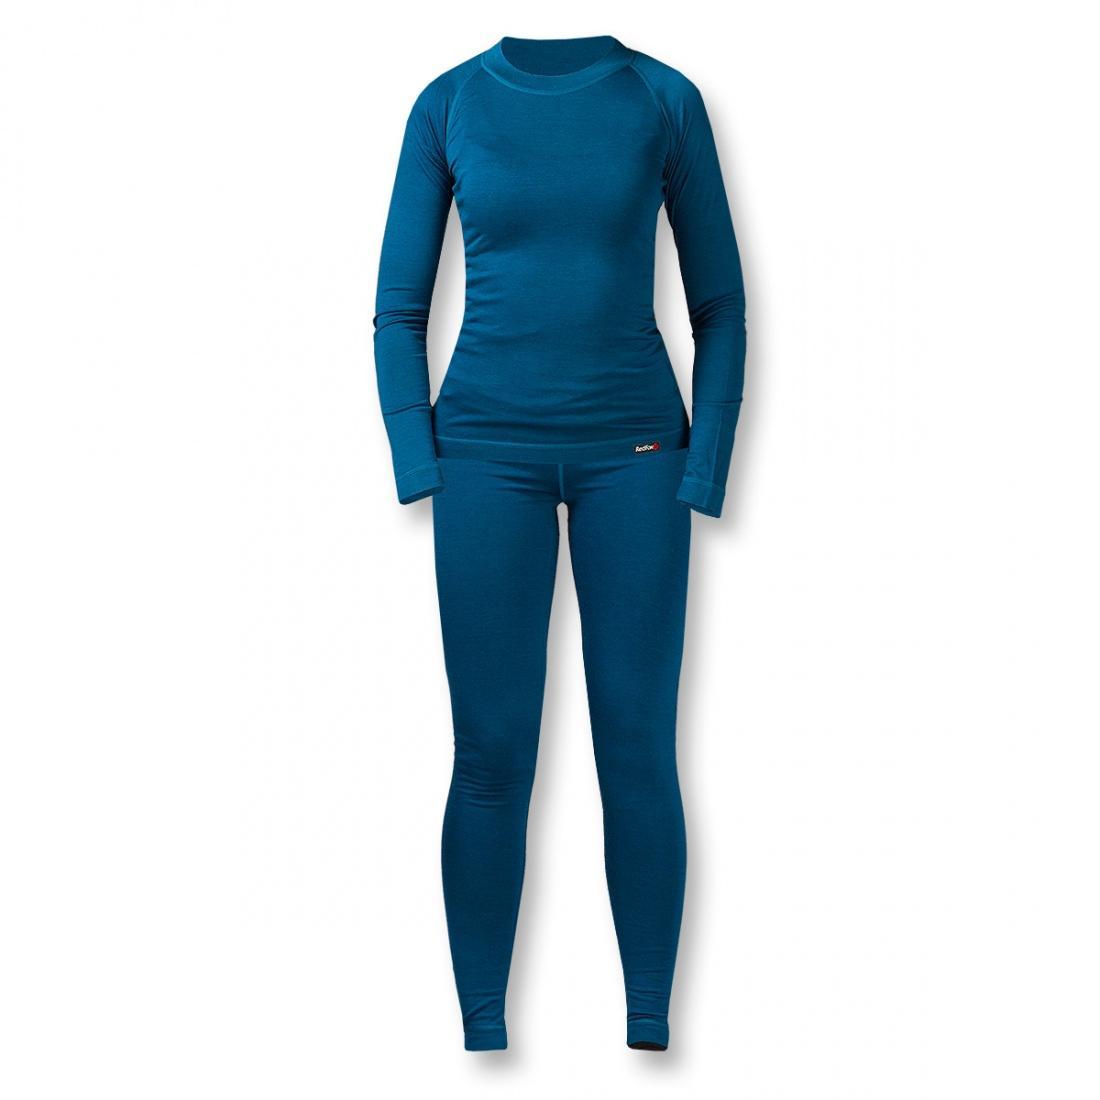 Термобелье костюм Wool Dry Light ЖенскийКомплекты<br><br> Тончайшее термобелье для женщин из мериносовой шерсти: оно достаточно теплое и пуловер можно носить как самостоятельный элемент одежд...<br><br>Цвет: Синий<br>Размер: 42